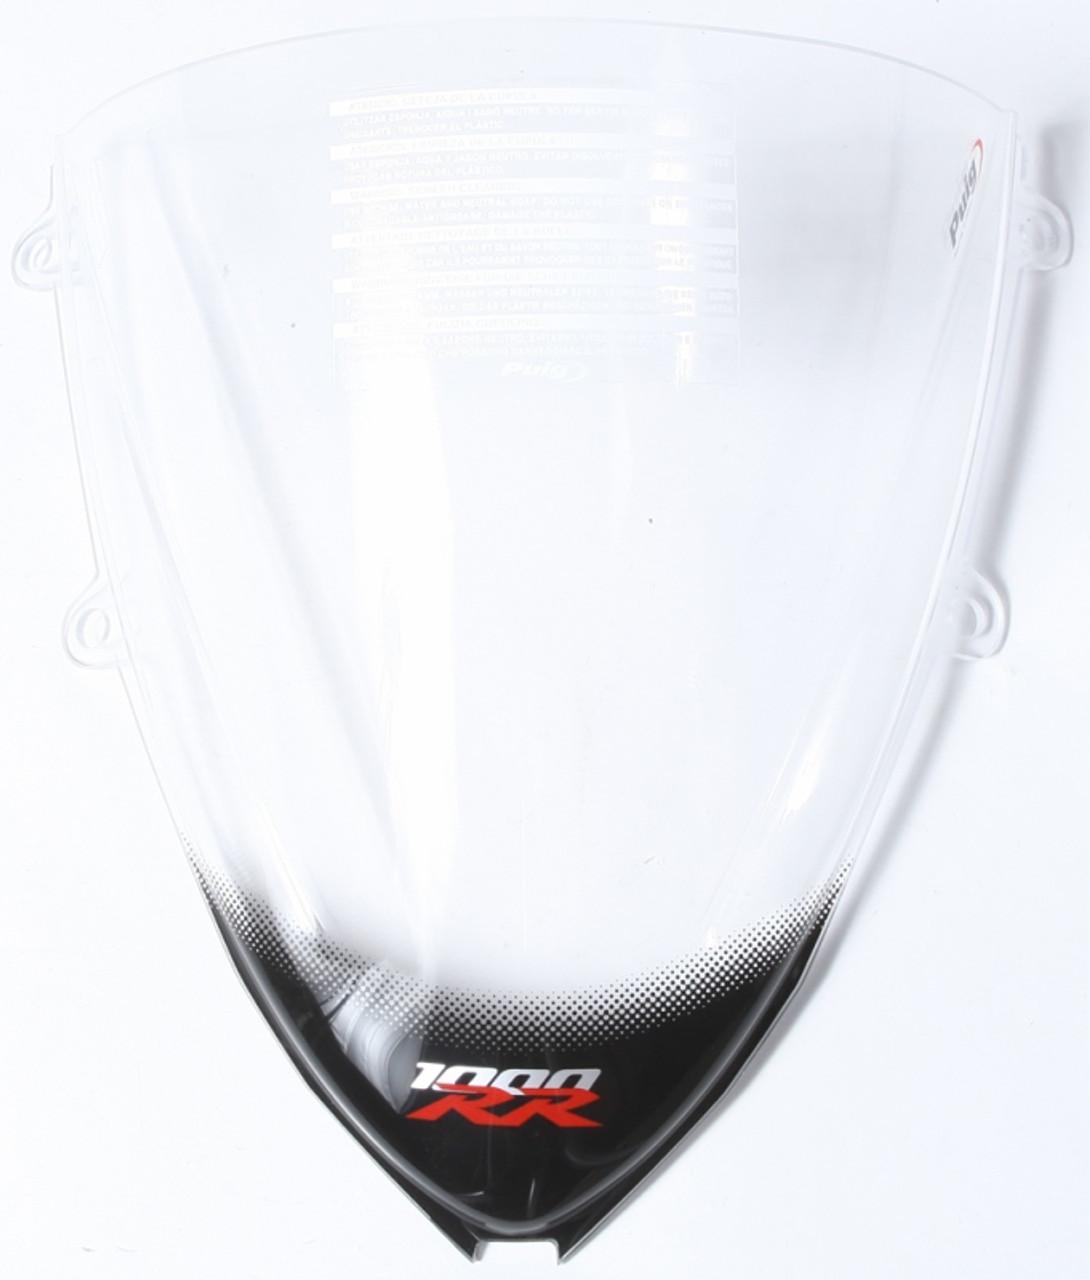 RACING SCREEN DK SMK  09 K1300R